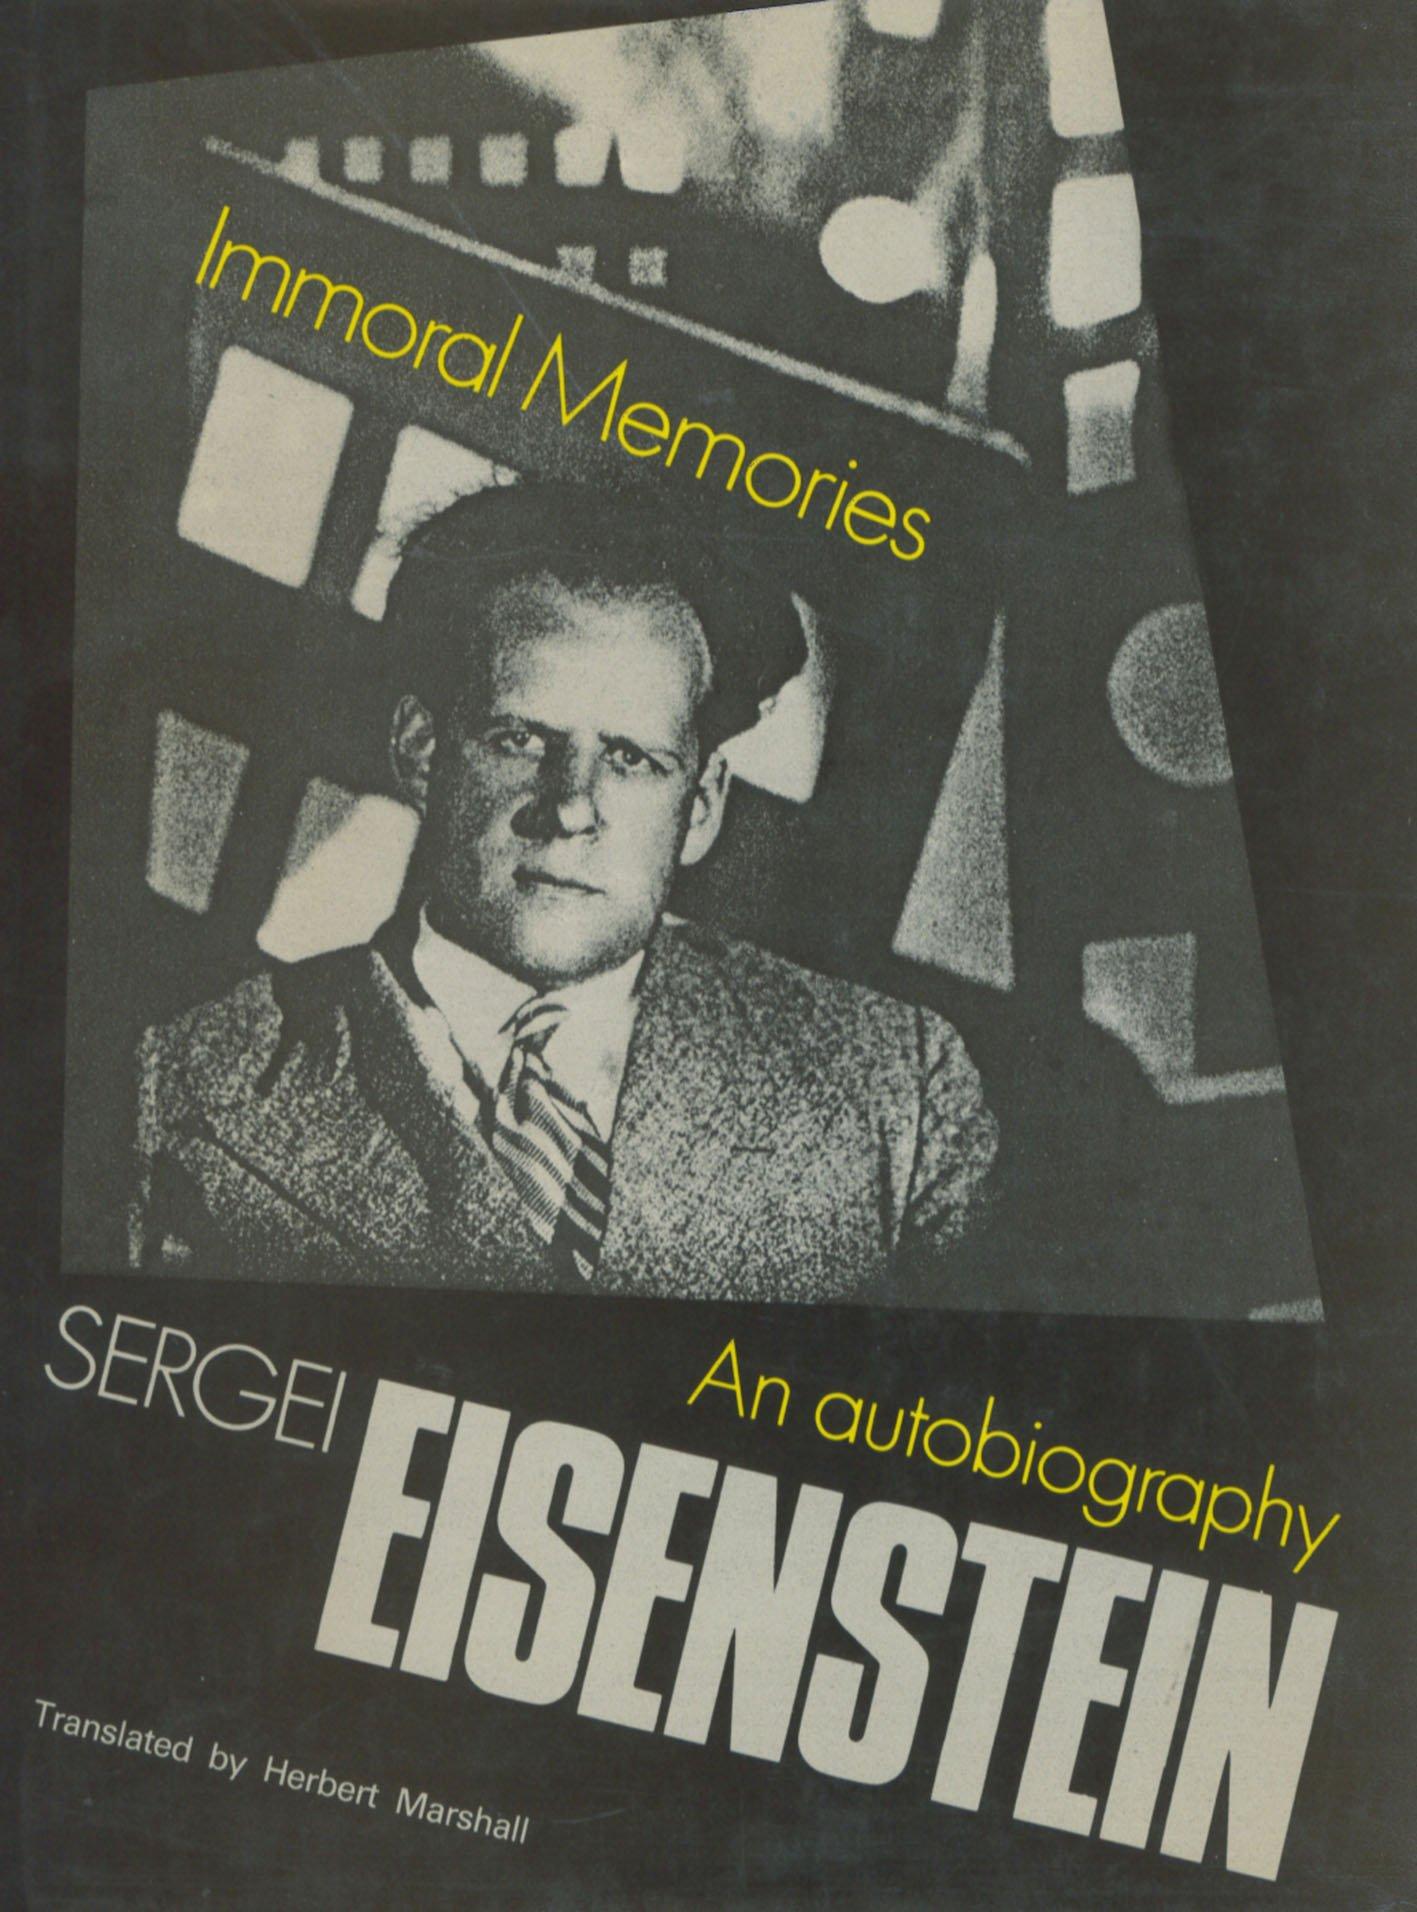 Sergei Eisenstein and his legendary films 5